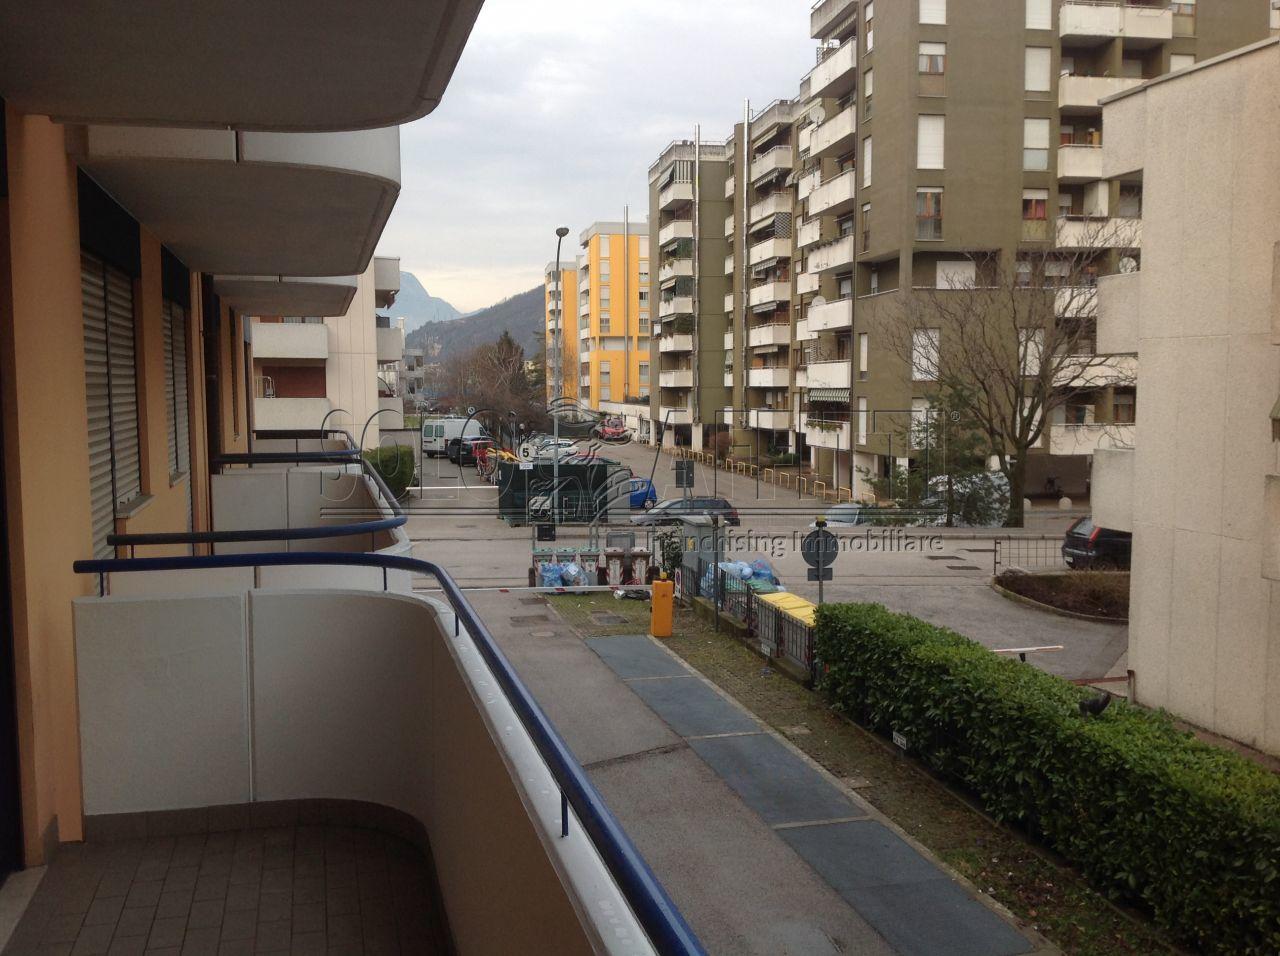 Bilocale Trento Via Guardini 24 12